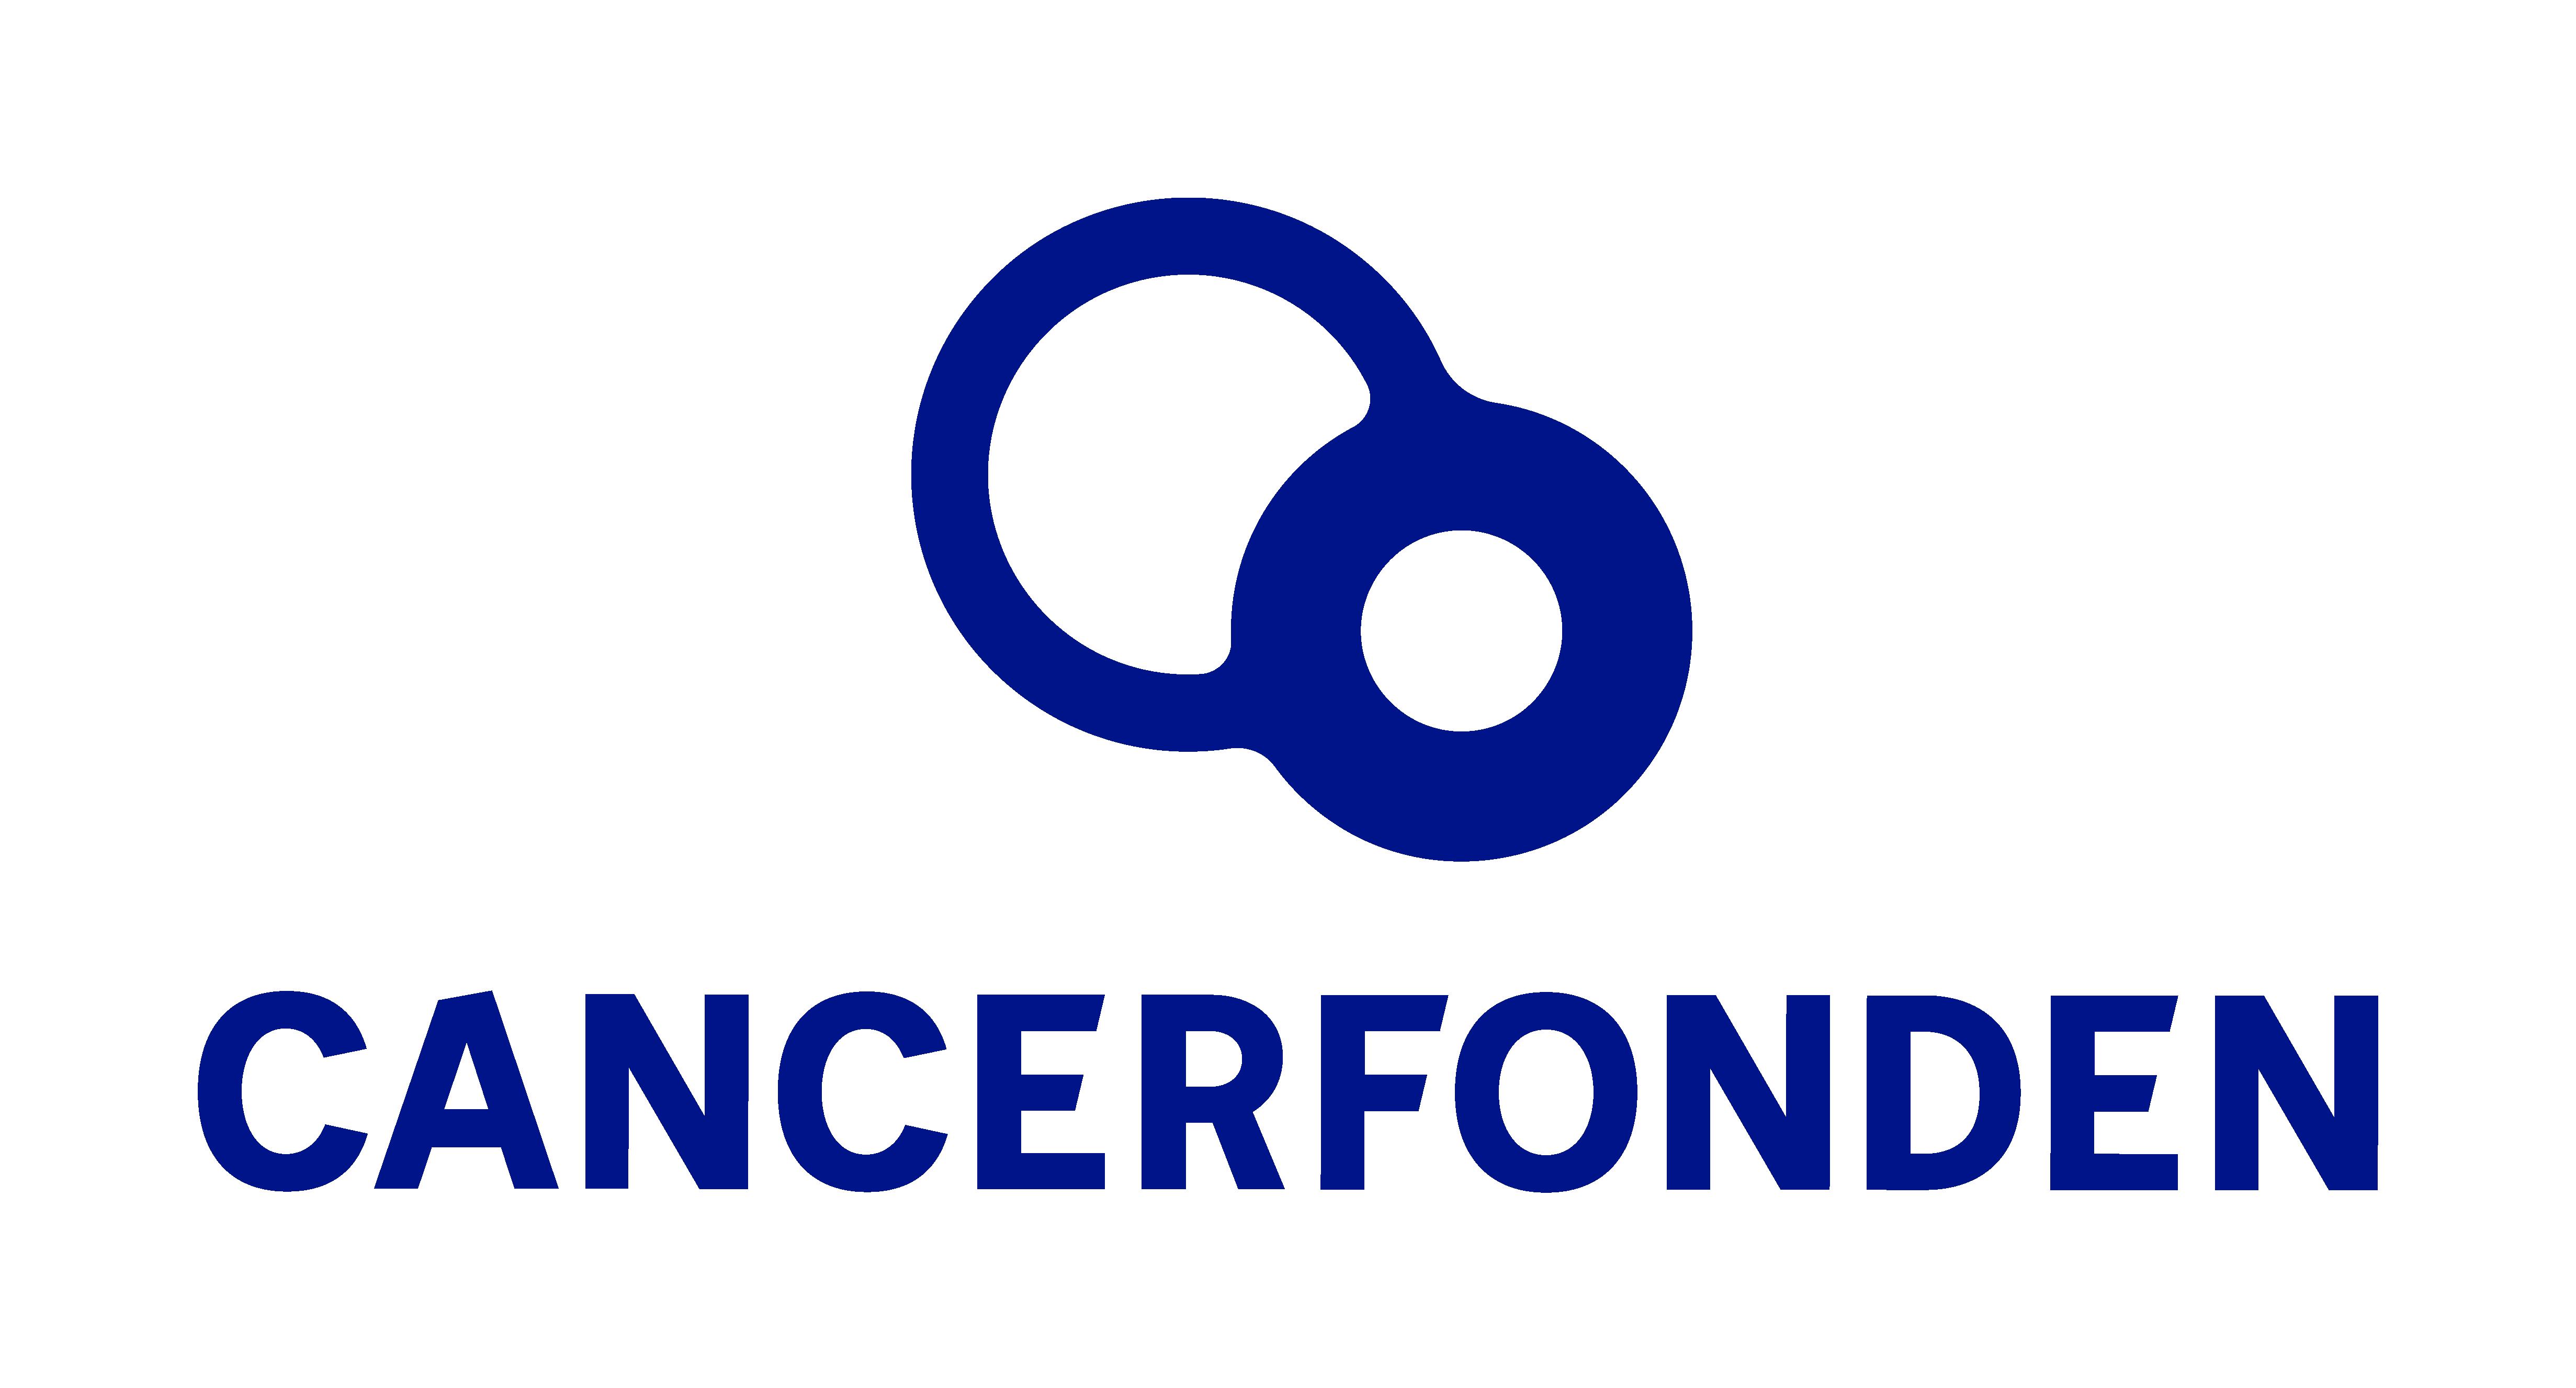 Cancerfonden logo